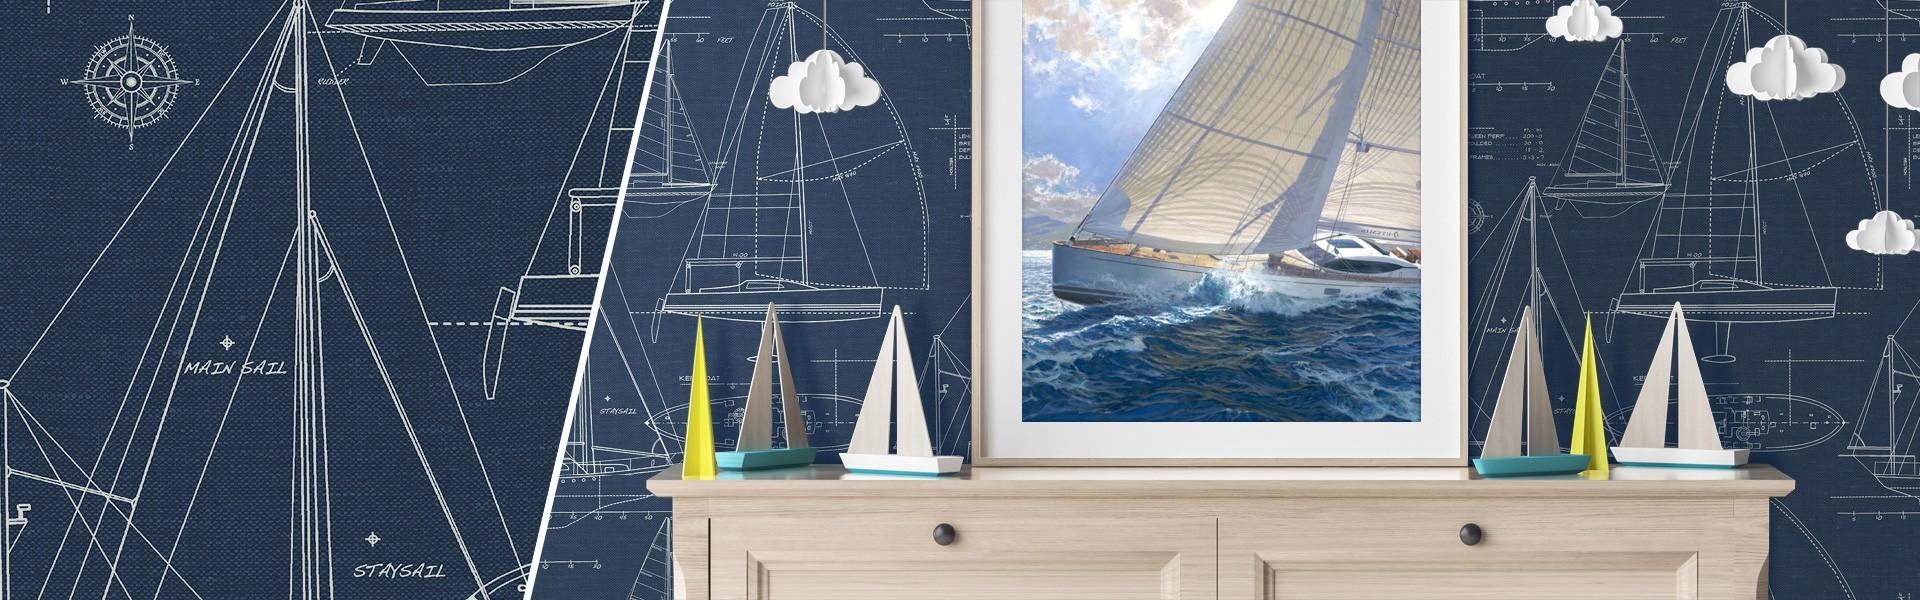 Full Size of Tapeten Trends 2020 Wohnzimmer Maritime Hängeschrank Vorhang Rollo Ideen Fototapeten Stehlampe Beleuchtung Schrankwand Deckenleuchte Teppich Stehleuchte Wohnzimmer Tapeten Trends 2020 Wohnzimmer